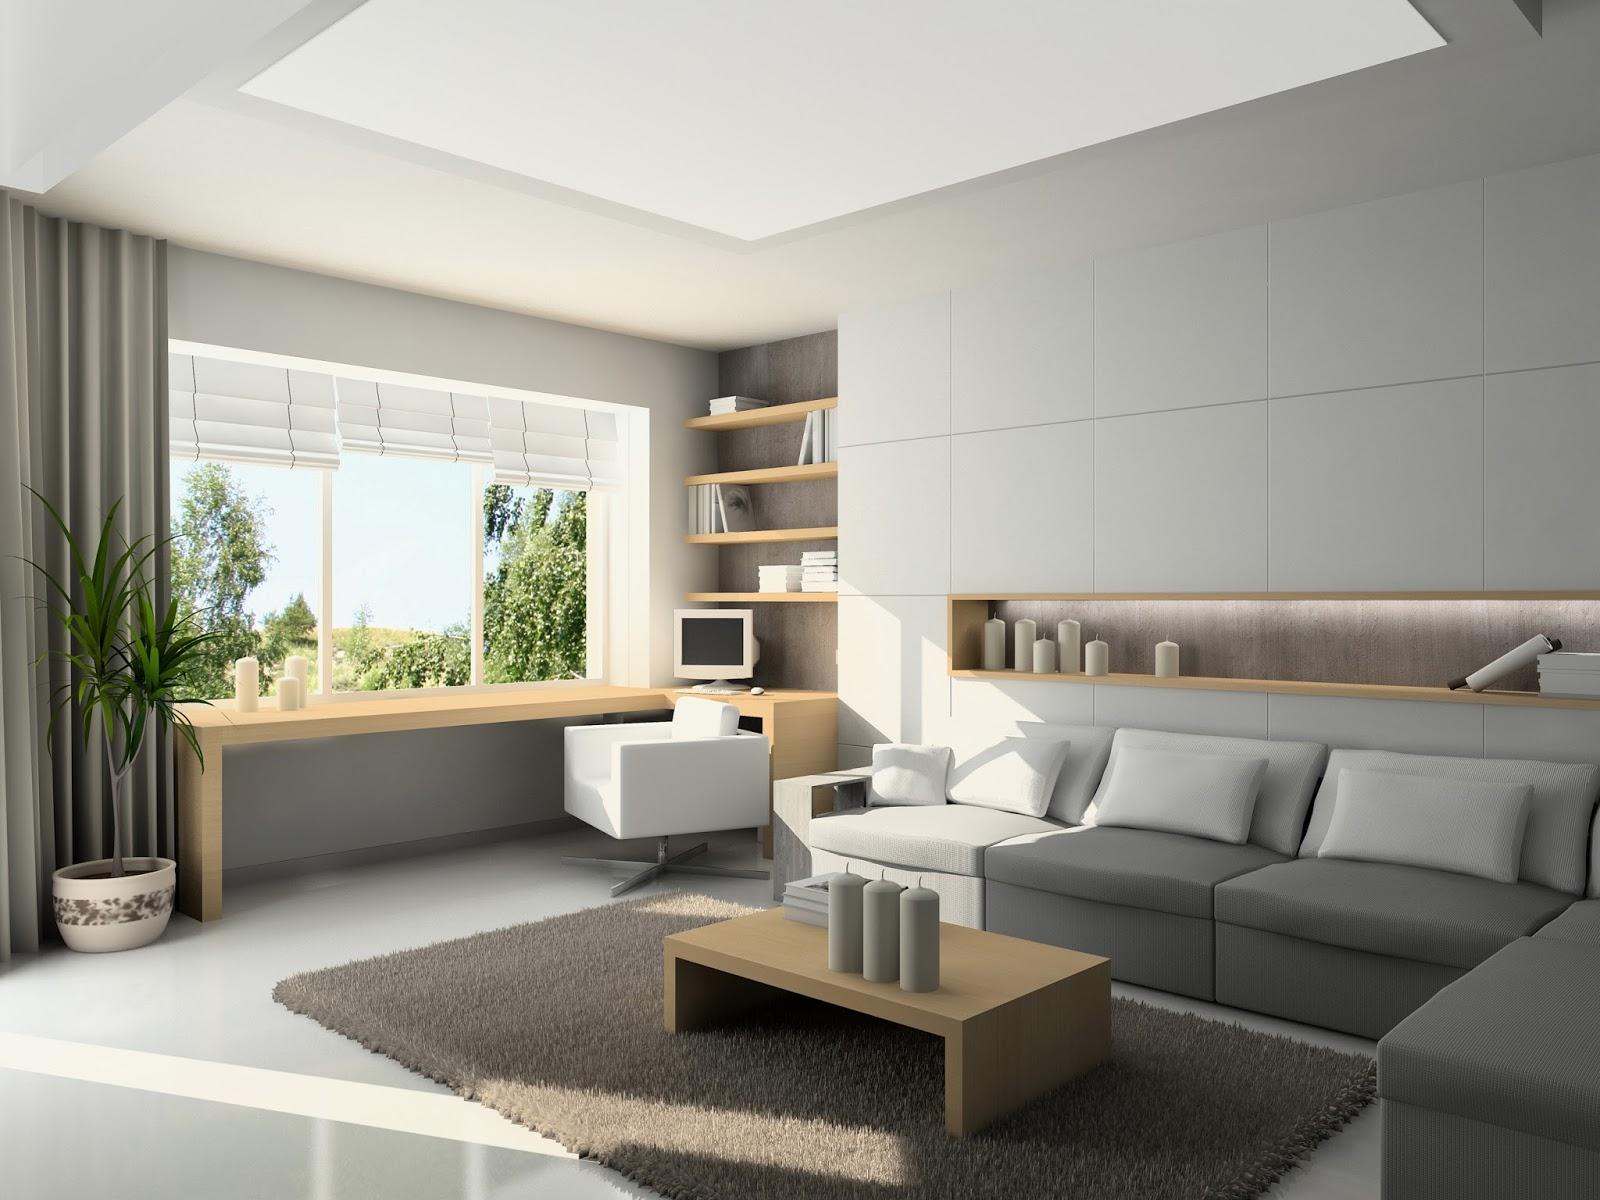 desain ruang tamu minimalis inspiratif